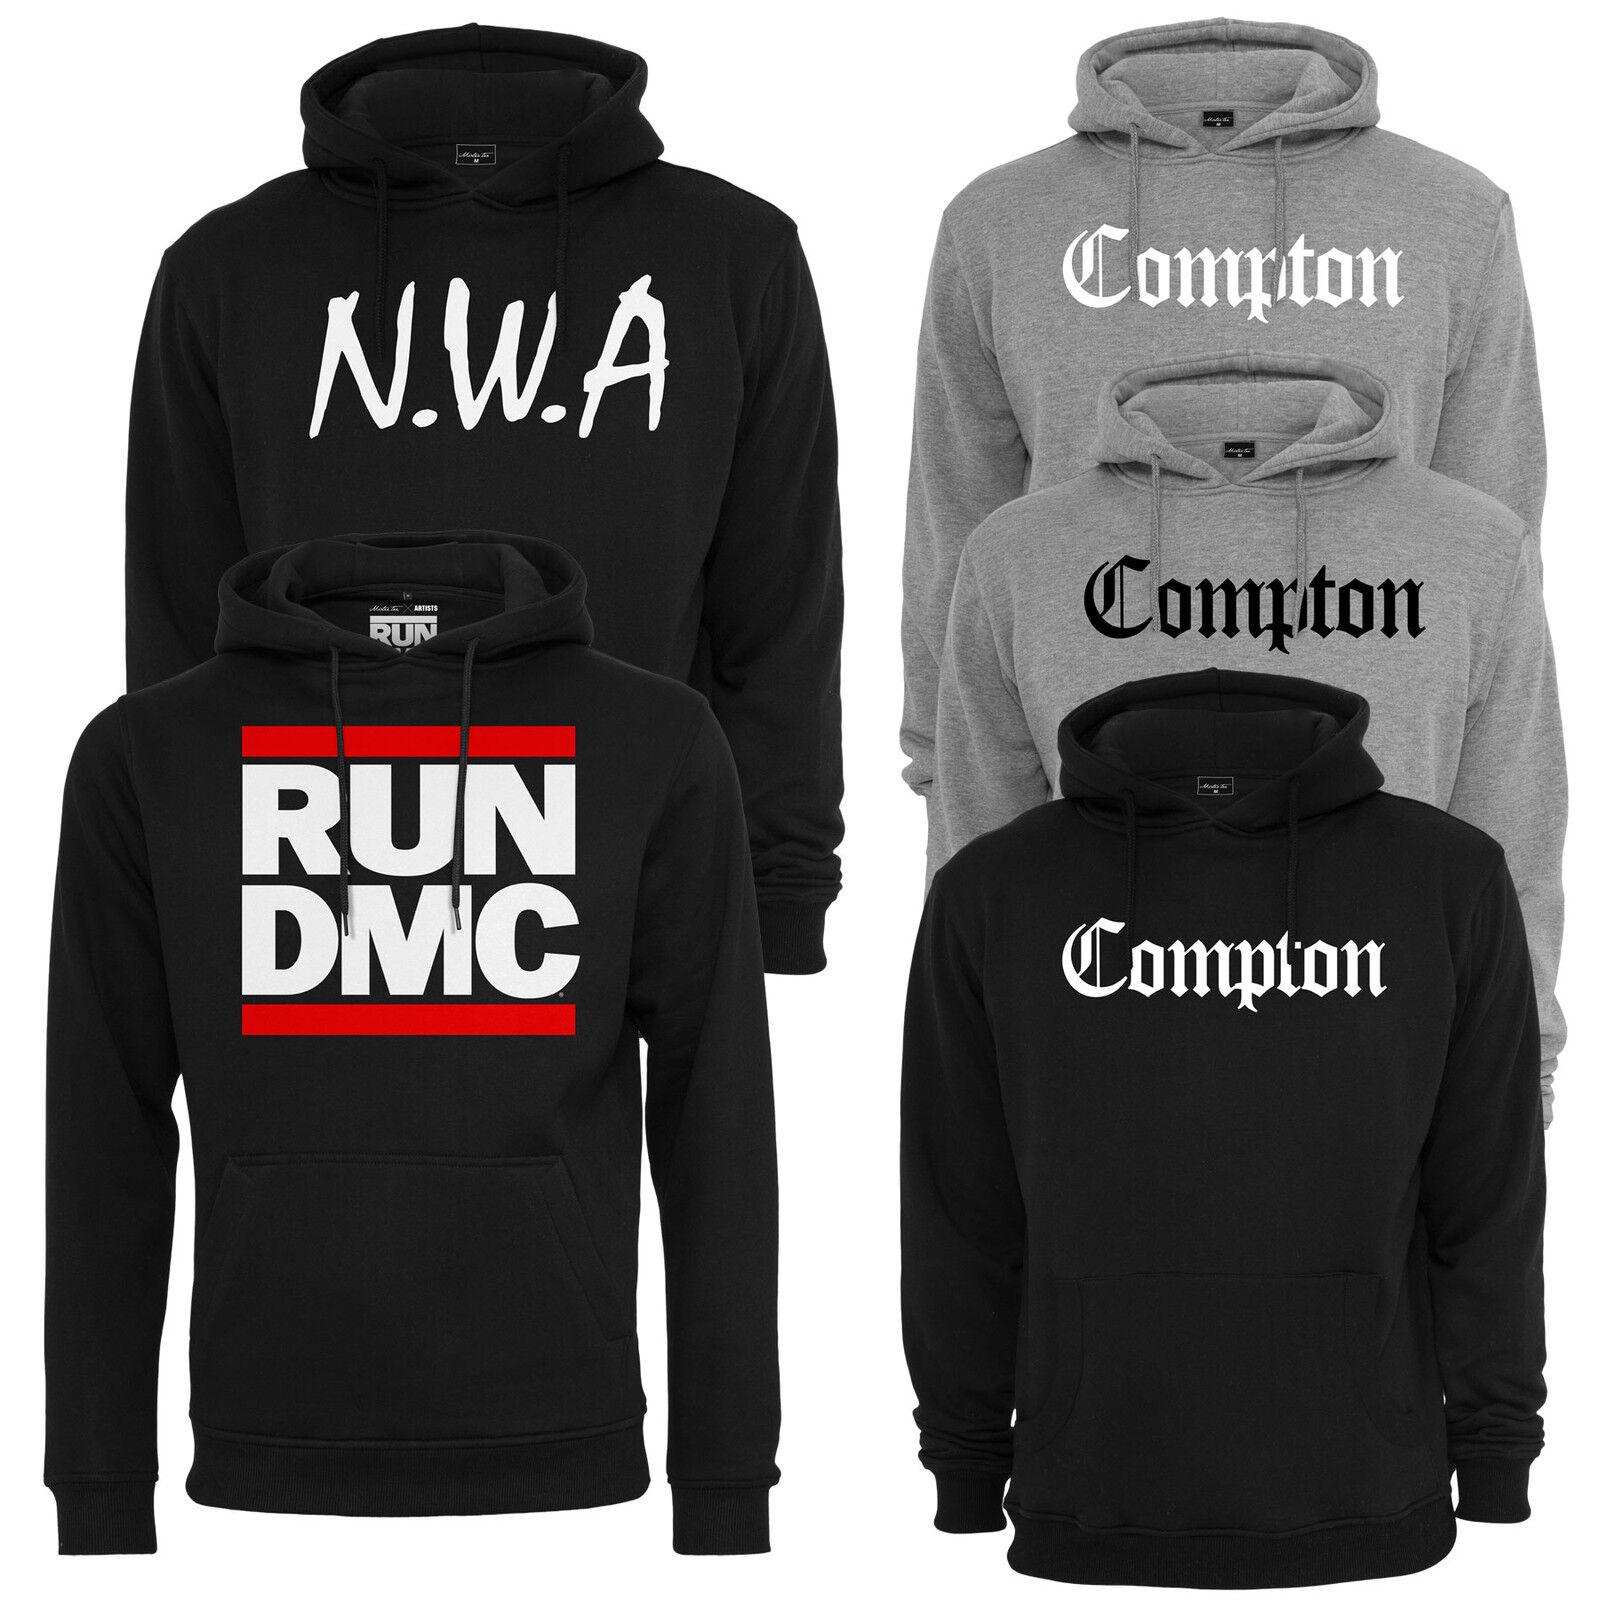 Mister Tee Compton Logo Nwa Hoody Hip Hop Run DMC Hooded Sweatshirt